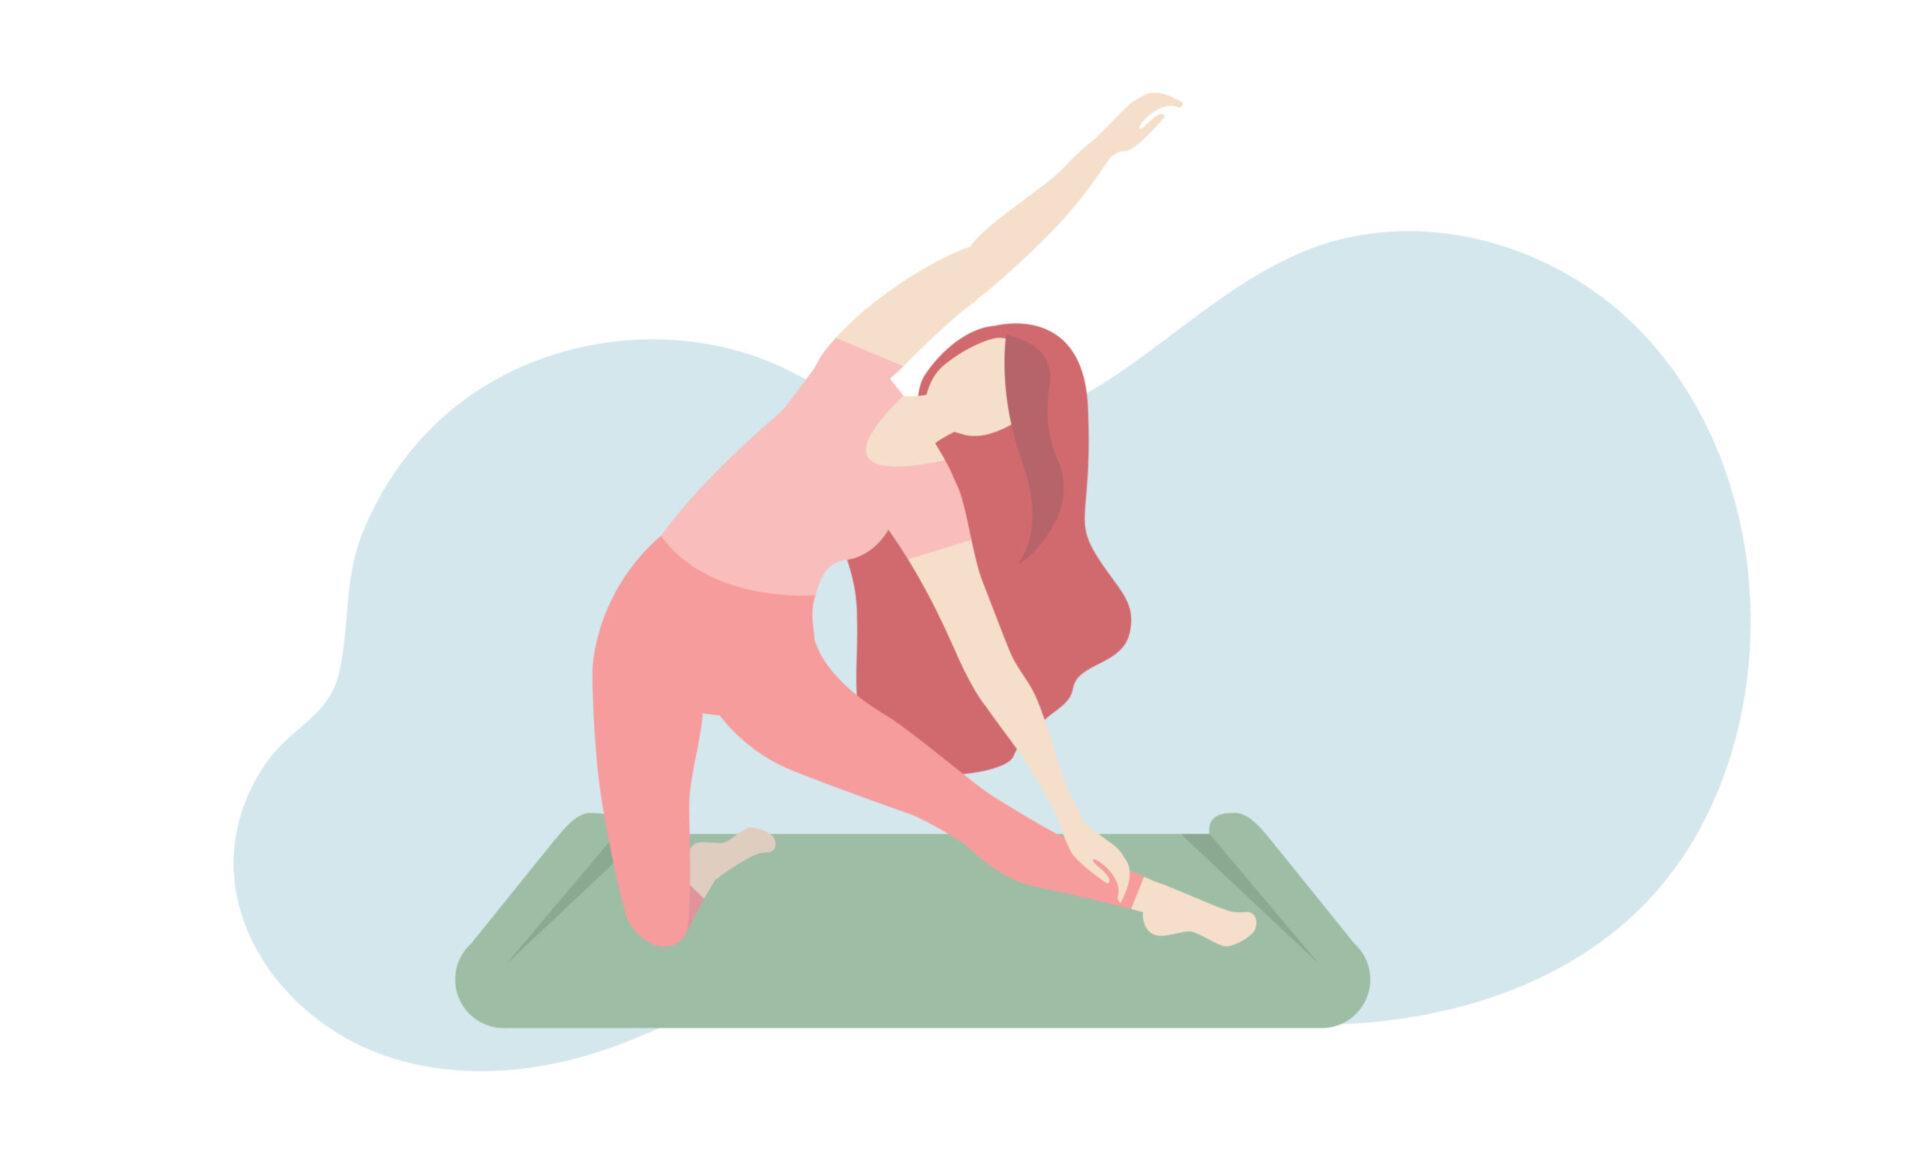 Sesiunile de stretching, atât de necesare, sunt trecute cu vederea sau durează câteva minute, insuficient pentru a fi eficiente, atenționează antrenorii